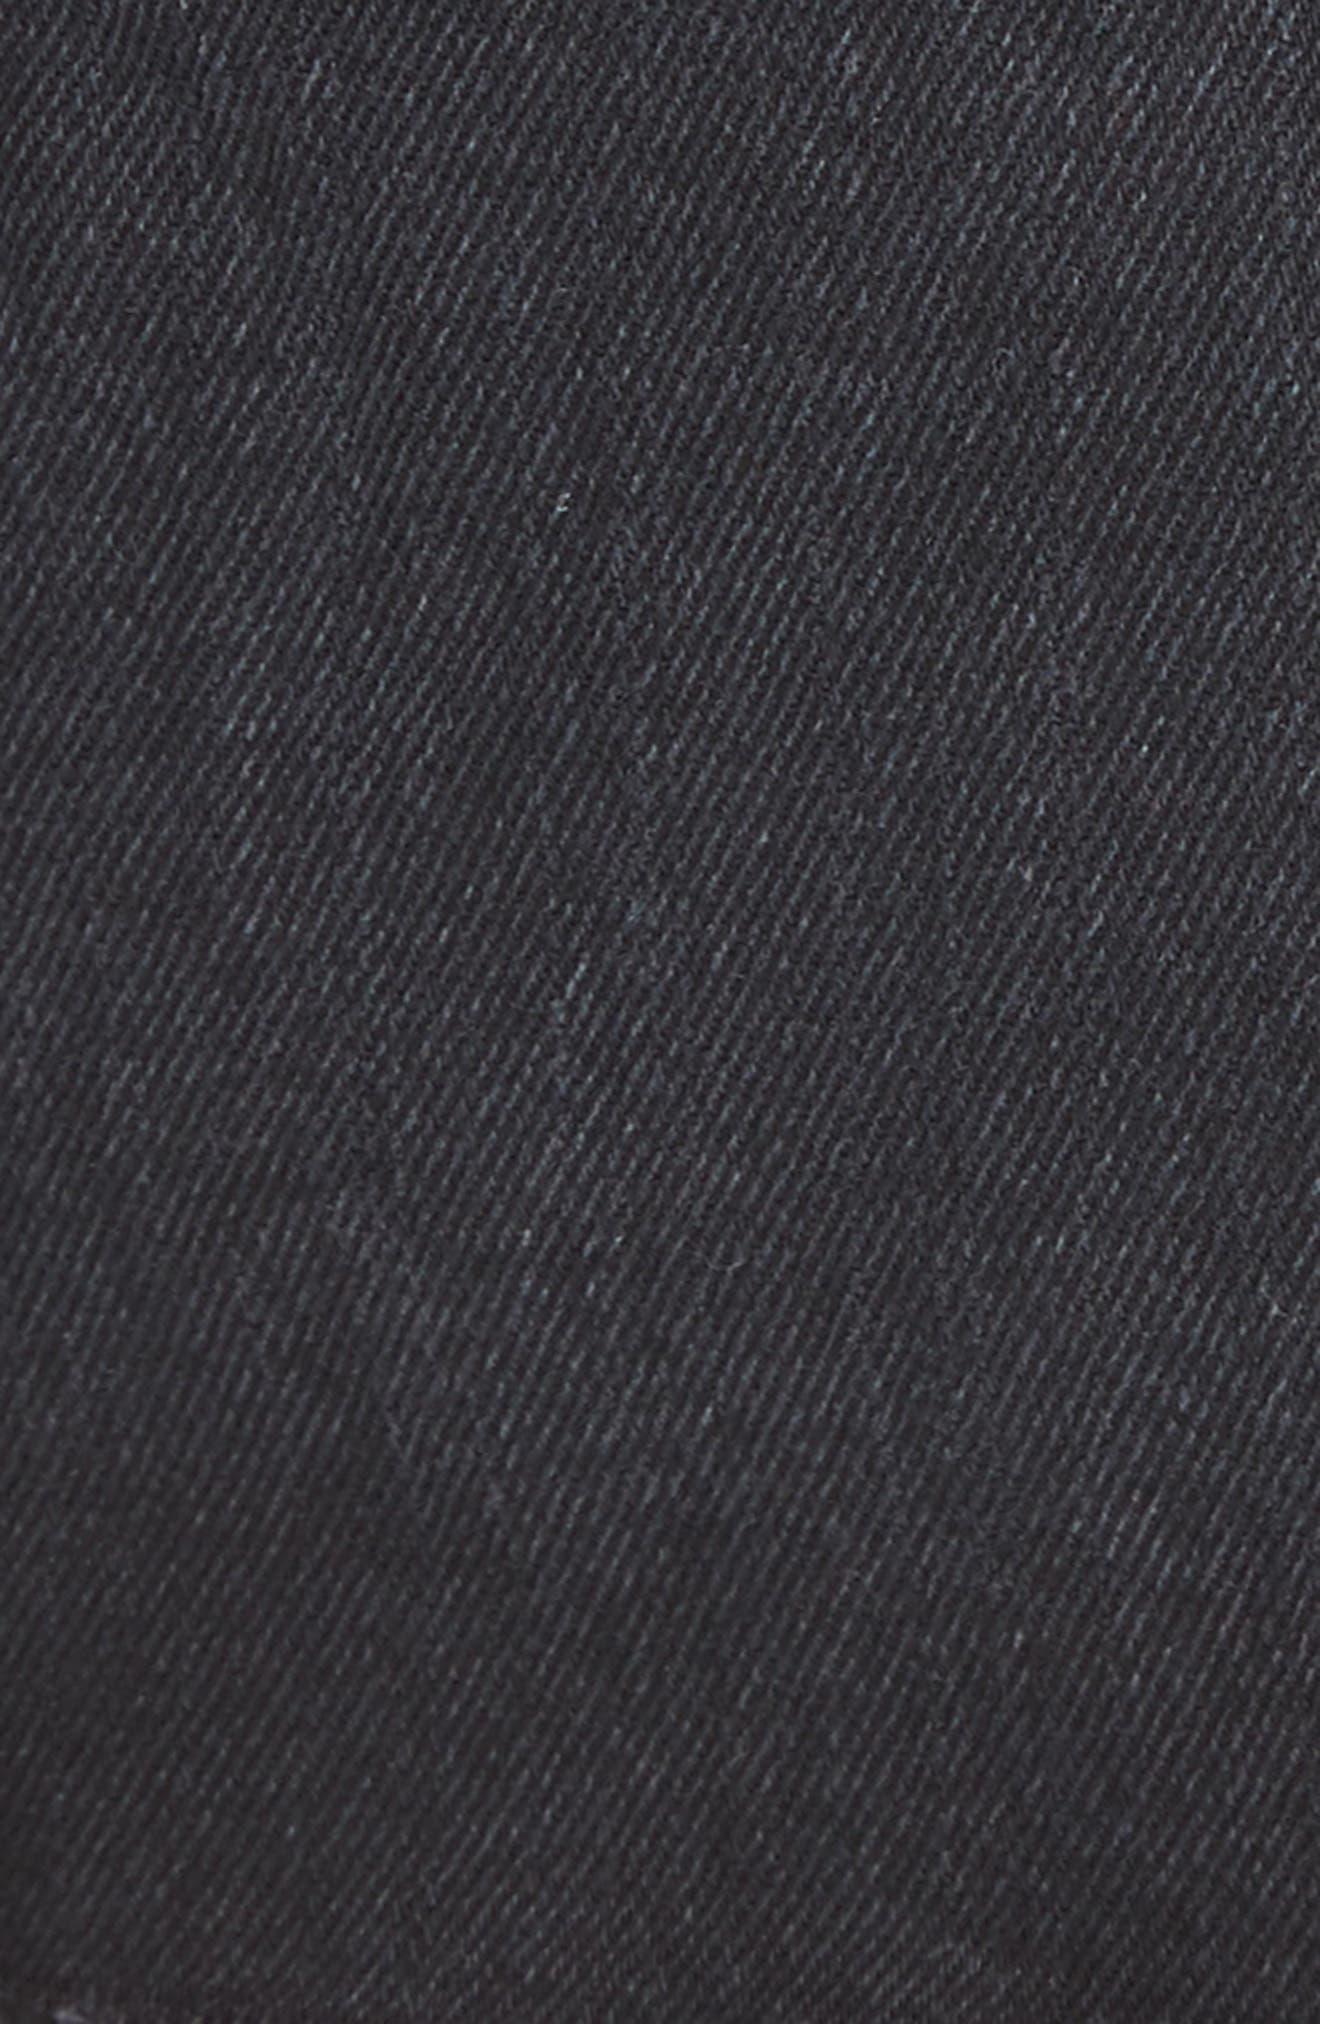 Denim A-Line Skirt,                             Alternate thumbnail 5, color,                             Black